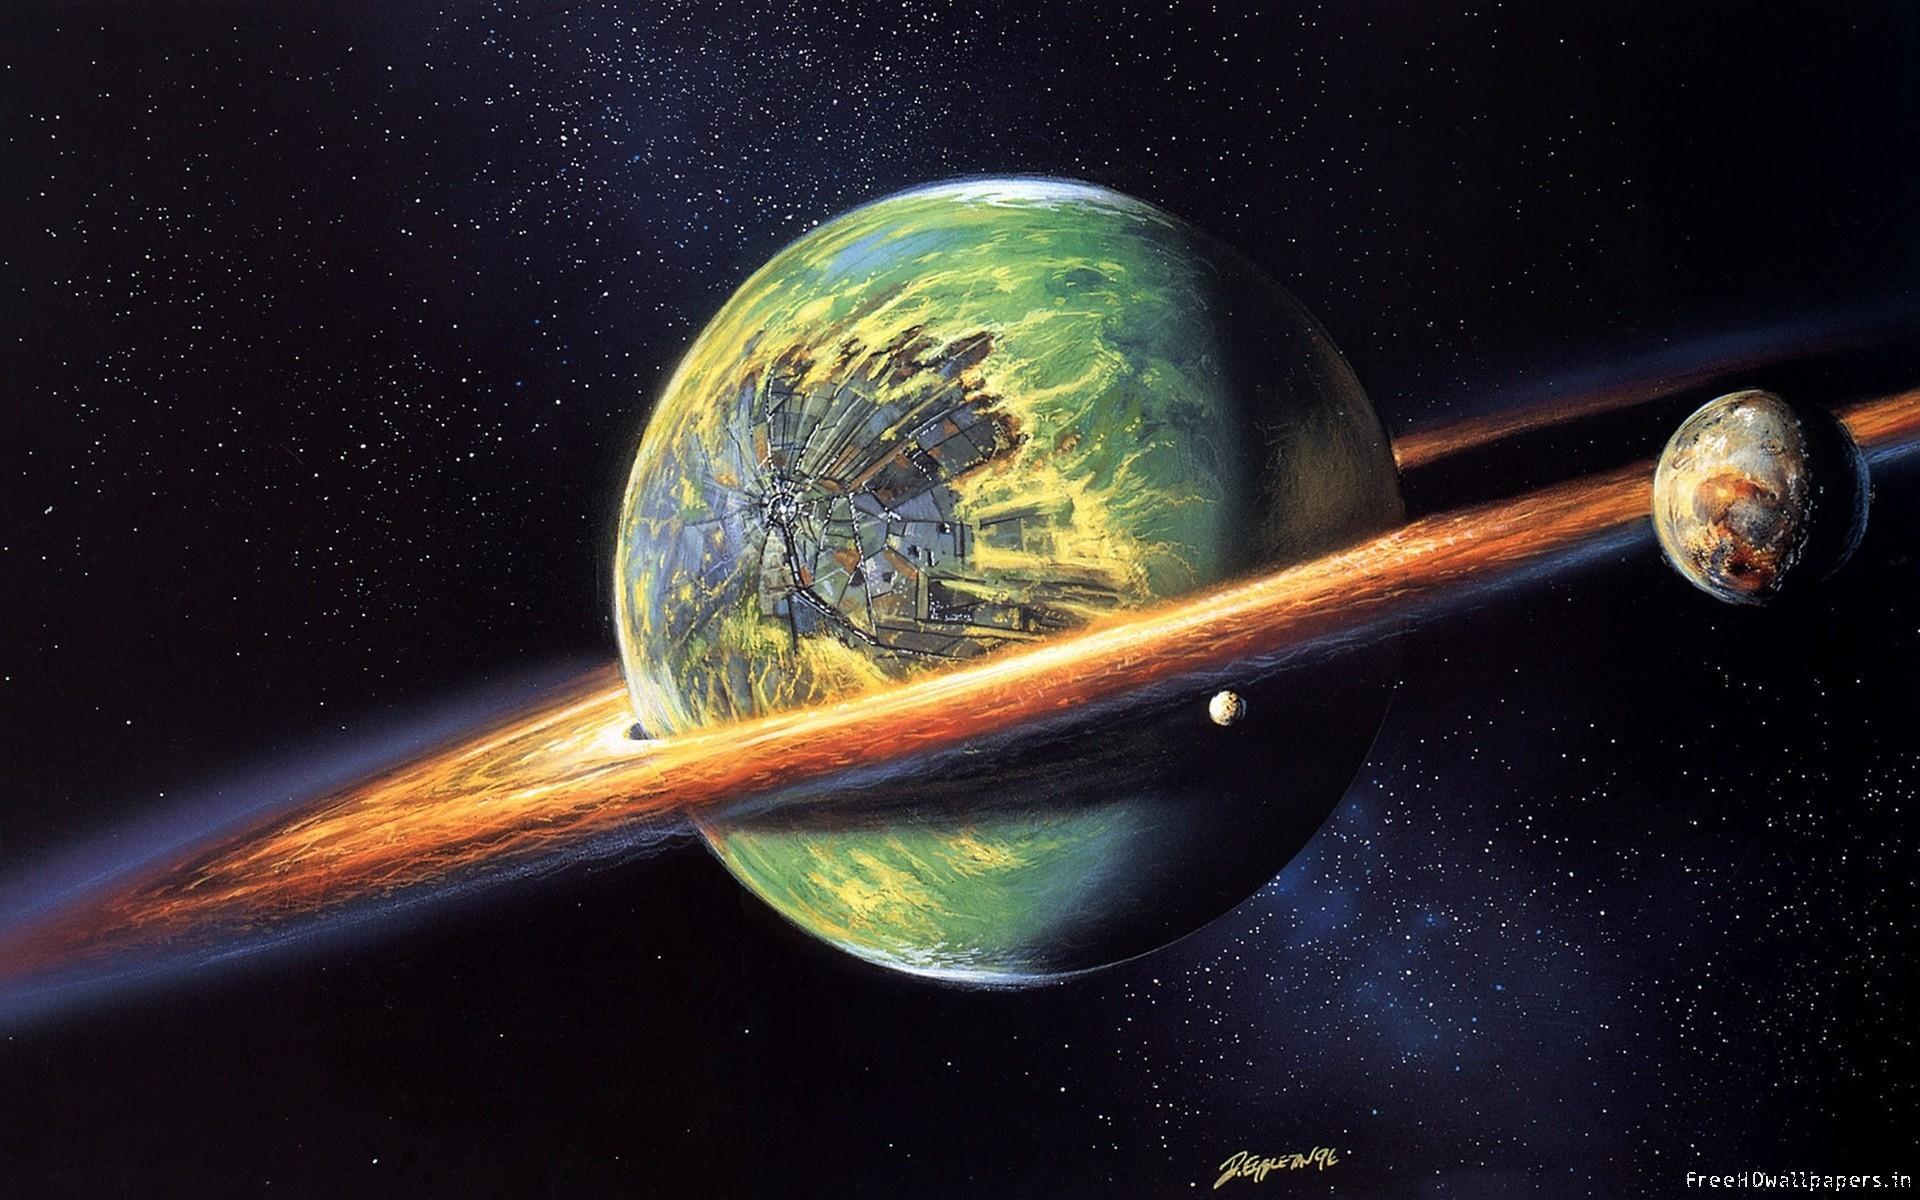 wallpaper-3D planet wallpaper-1920×1200-HD.jpg (1920×1200)   Saturn    Pinterest   Planets and Wallpaper